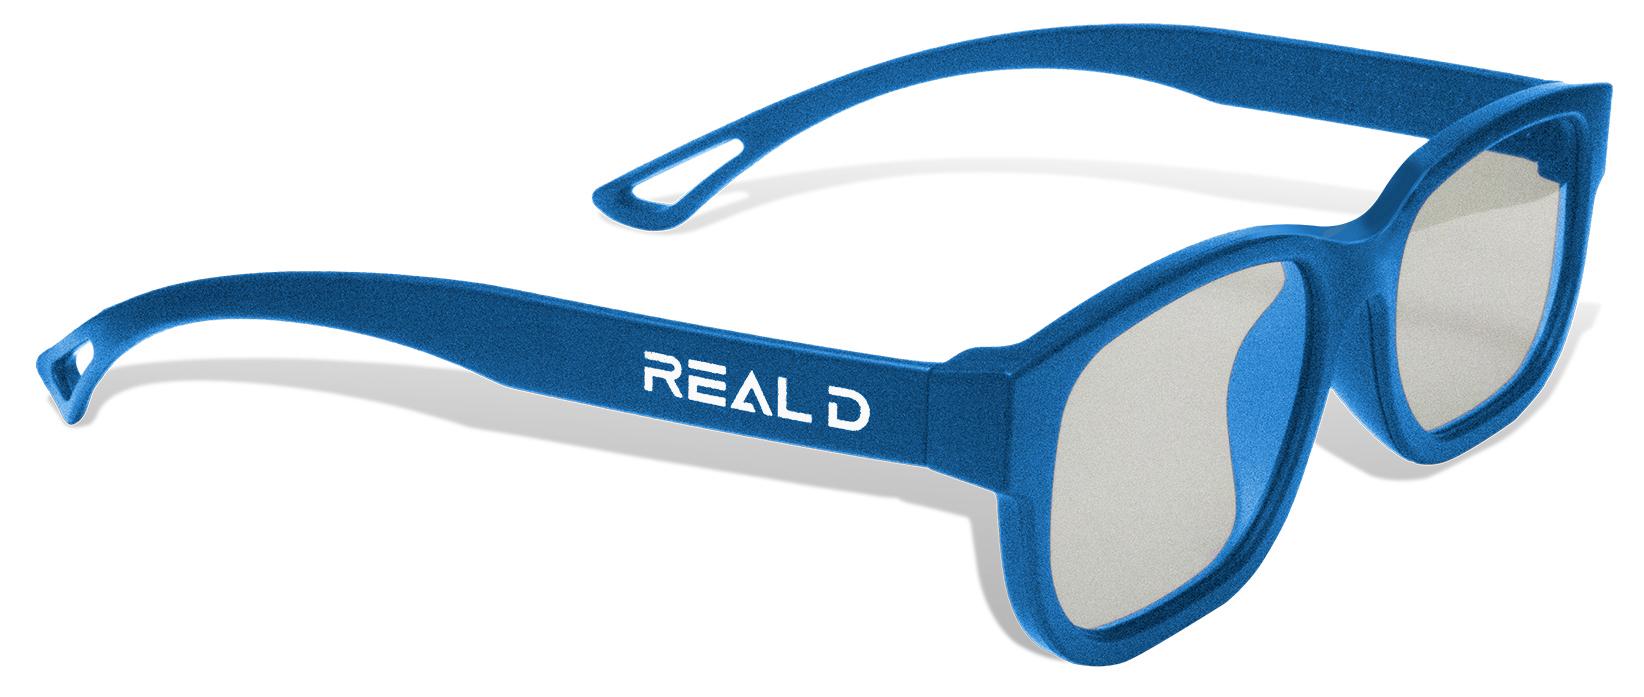 Blue_3D_Real_D_Glasses.jpg